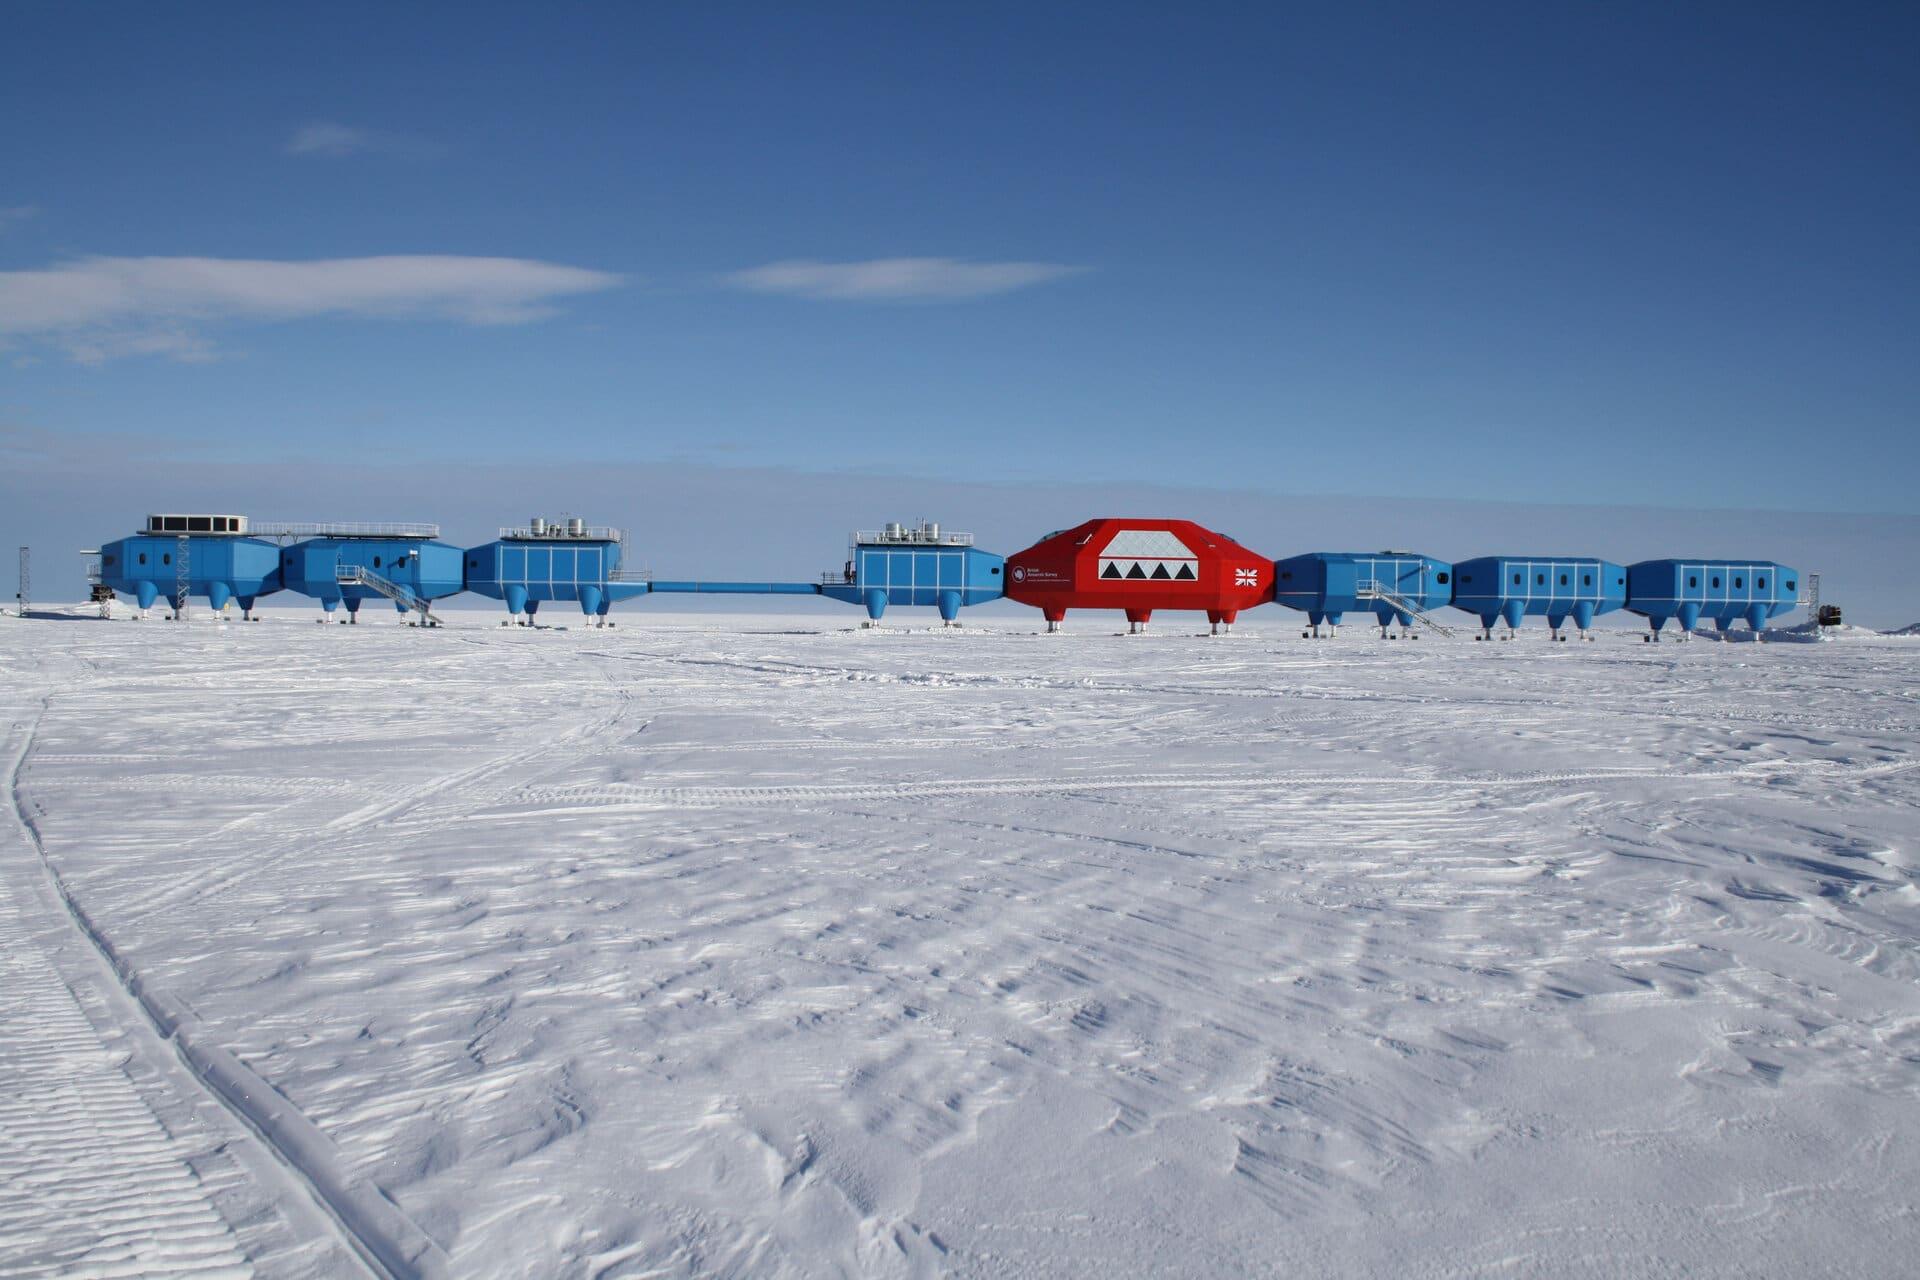 Stazione britannica Halley presente al circolo polare Antartico. Crediti: ESA.